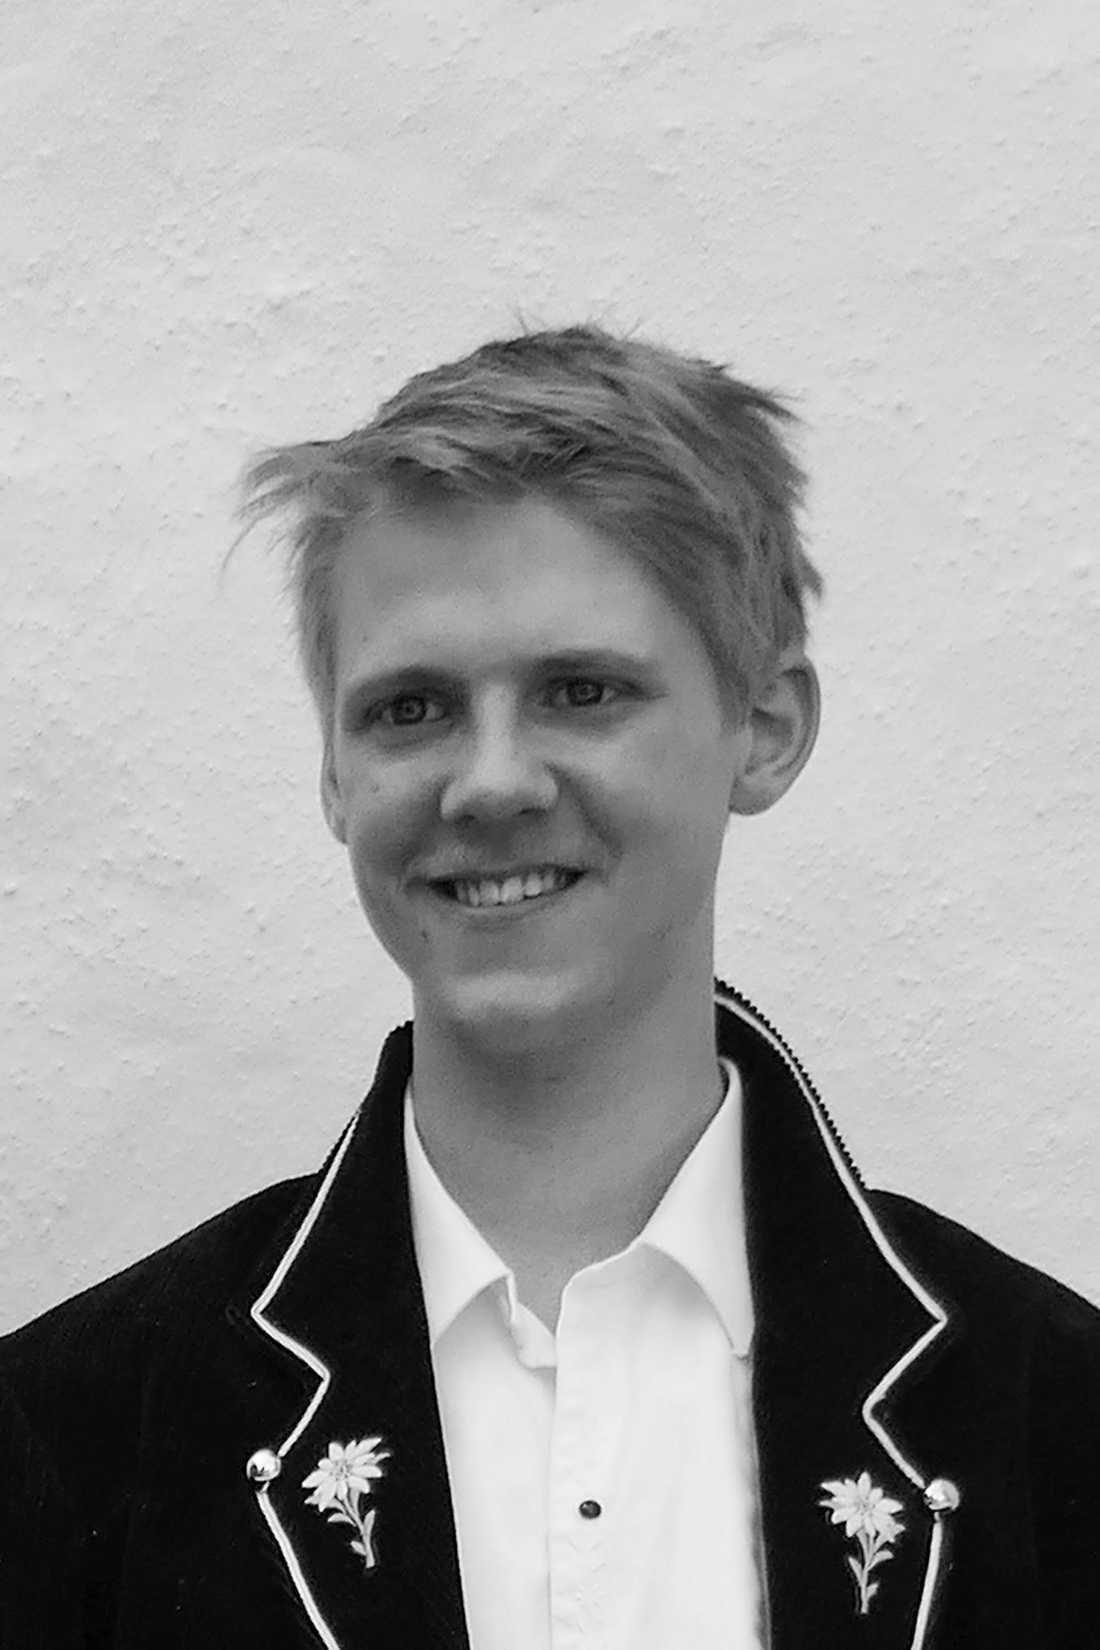 Joseph Schranz, 19